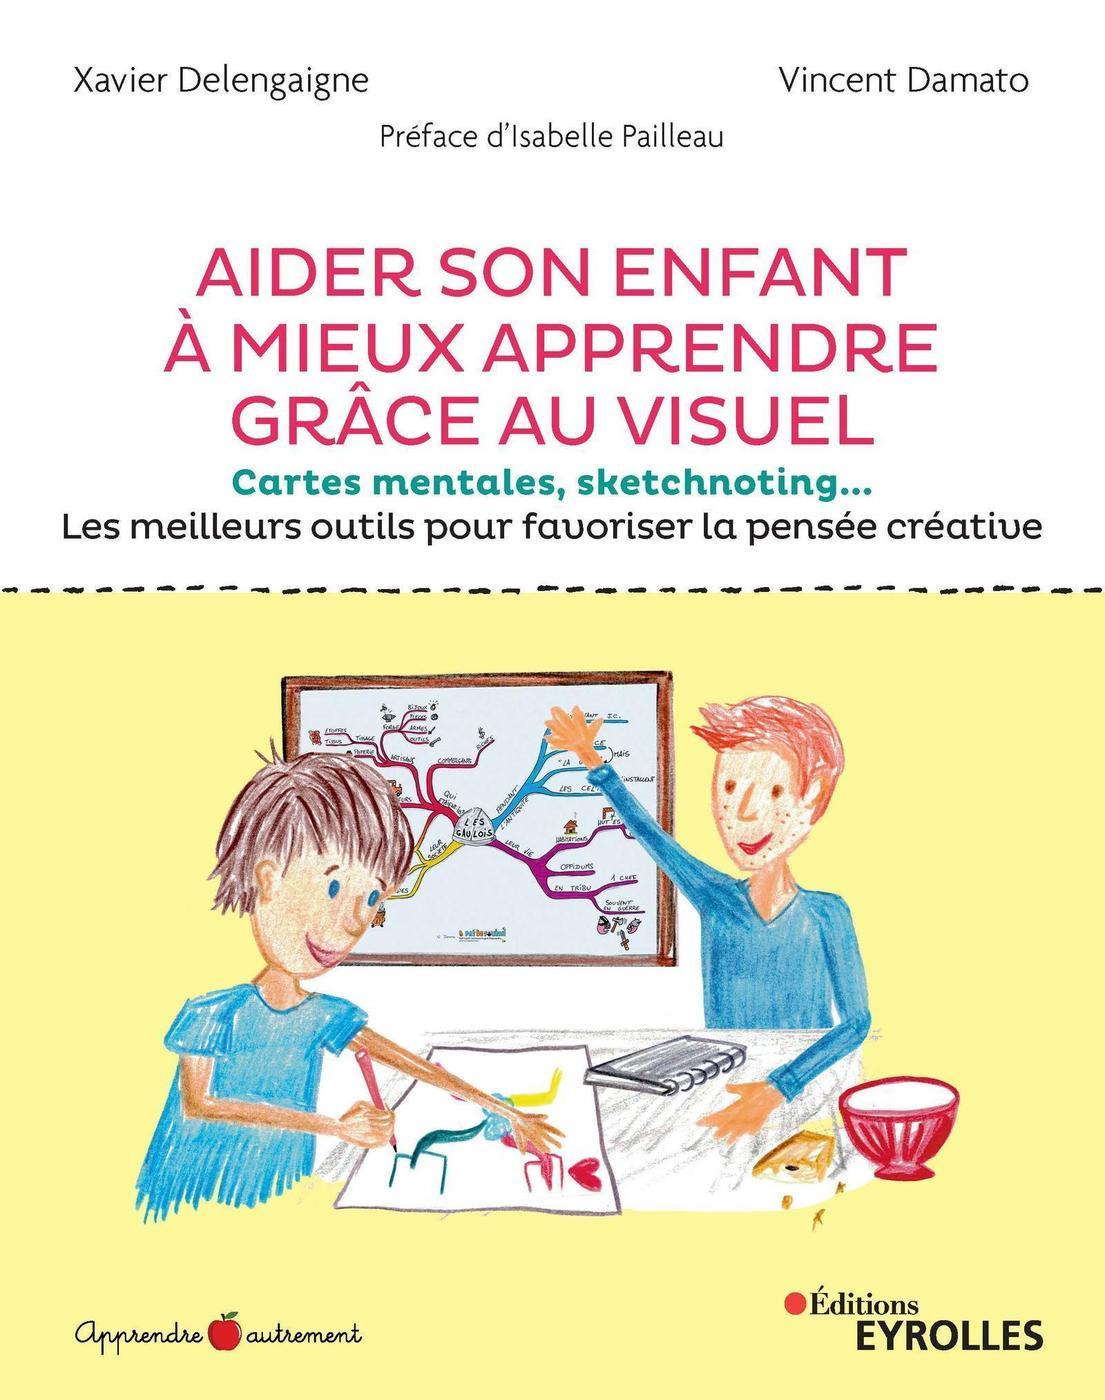 Aider Son Enfant A Mieux Apprendre Grace Au Visuel X Delengaigne Librairie Eyrolles